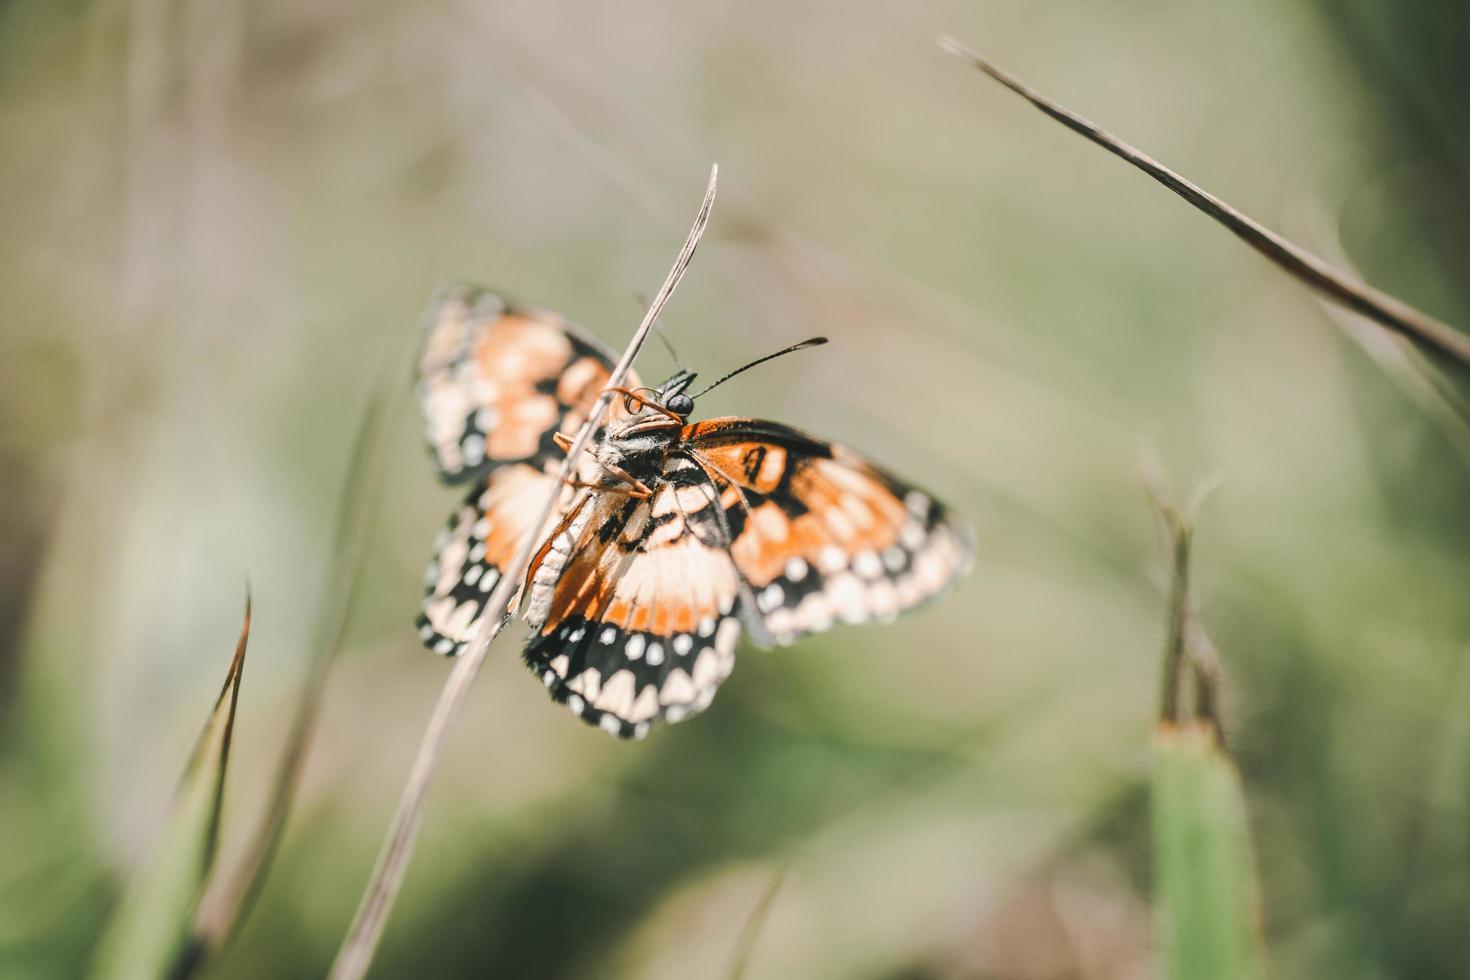 farfalla marrone bianca e nera sulla pianta foto